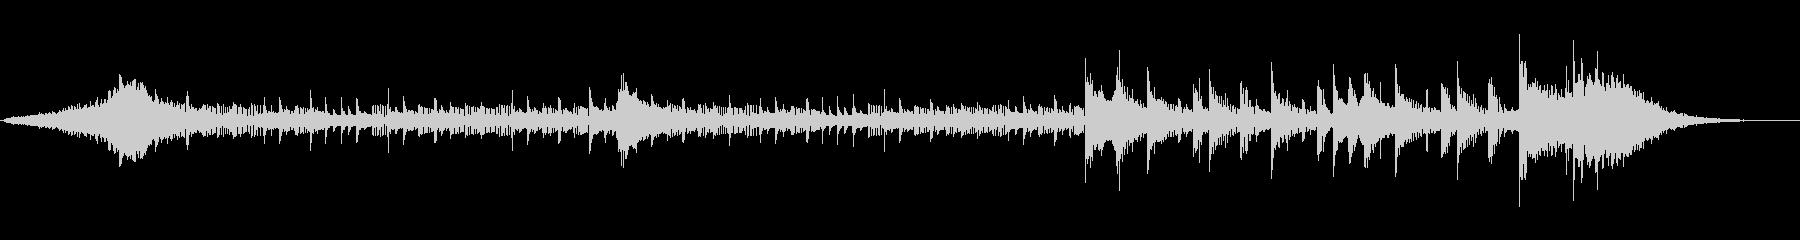 R2D2リズムベースの未再生の波形